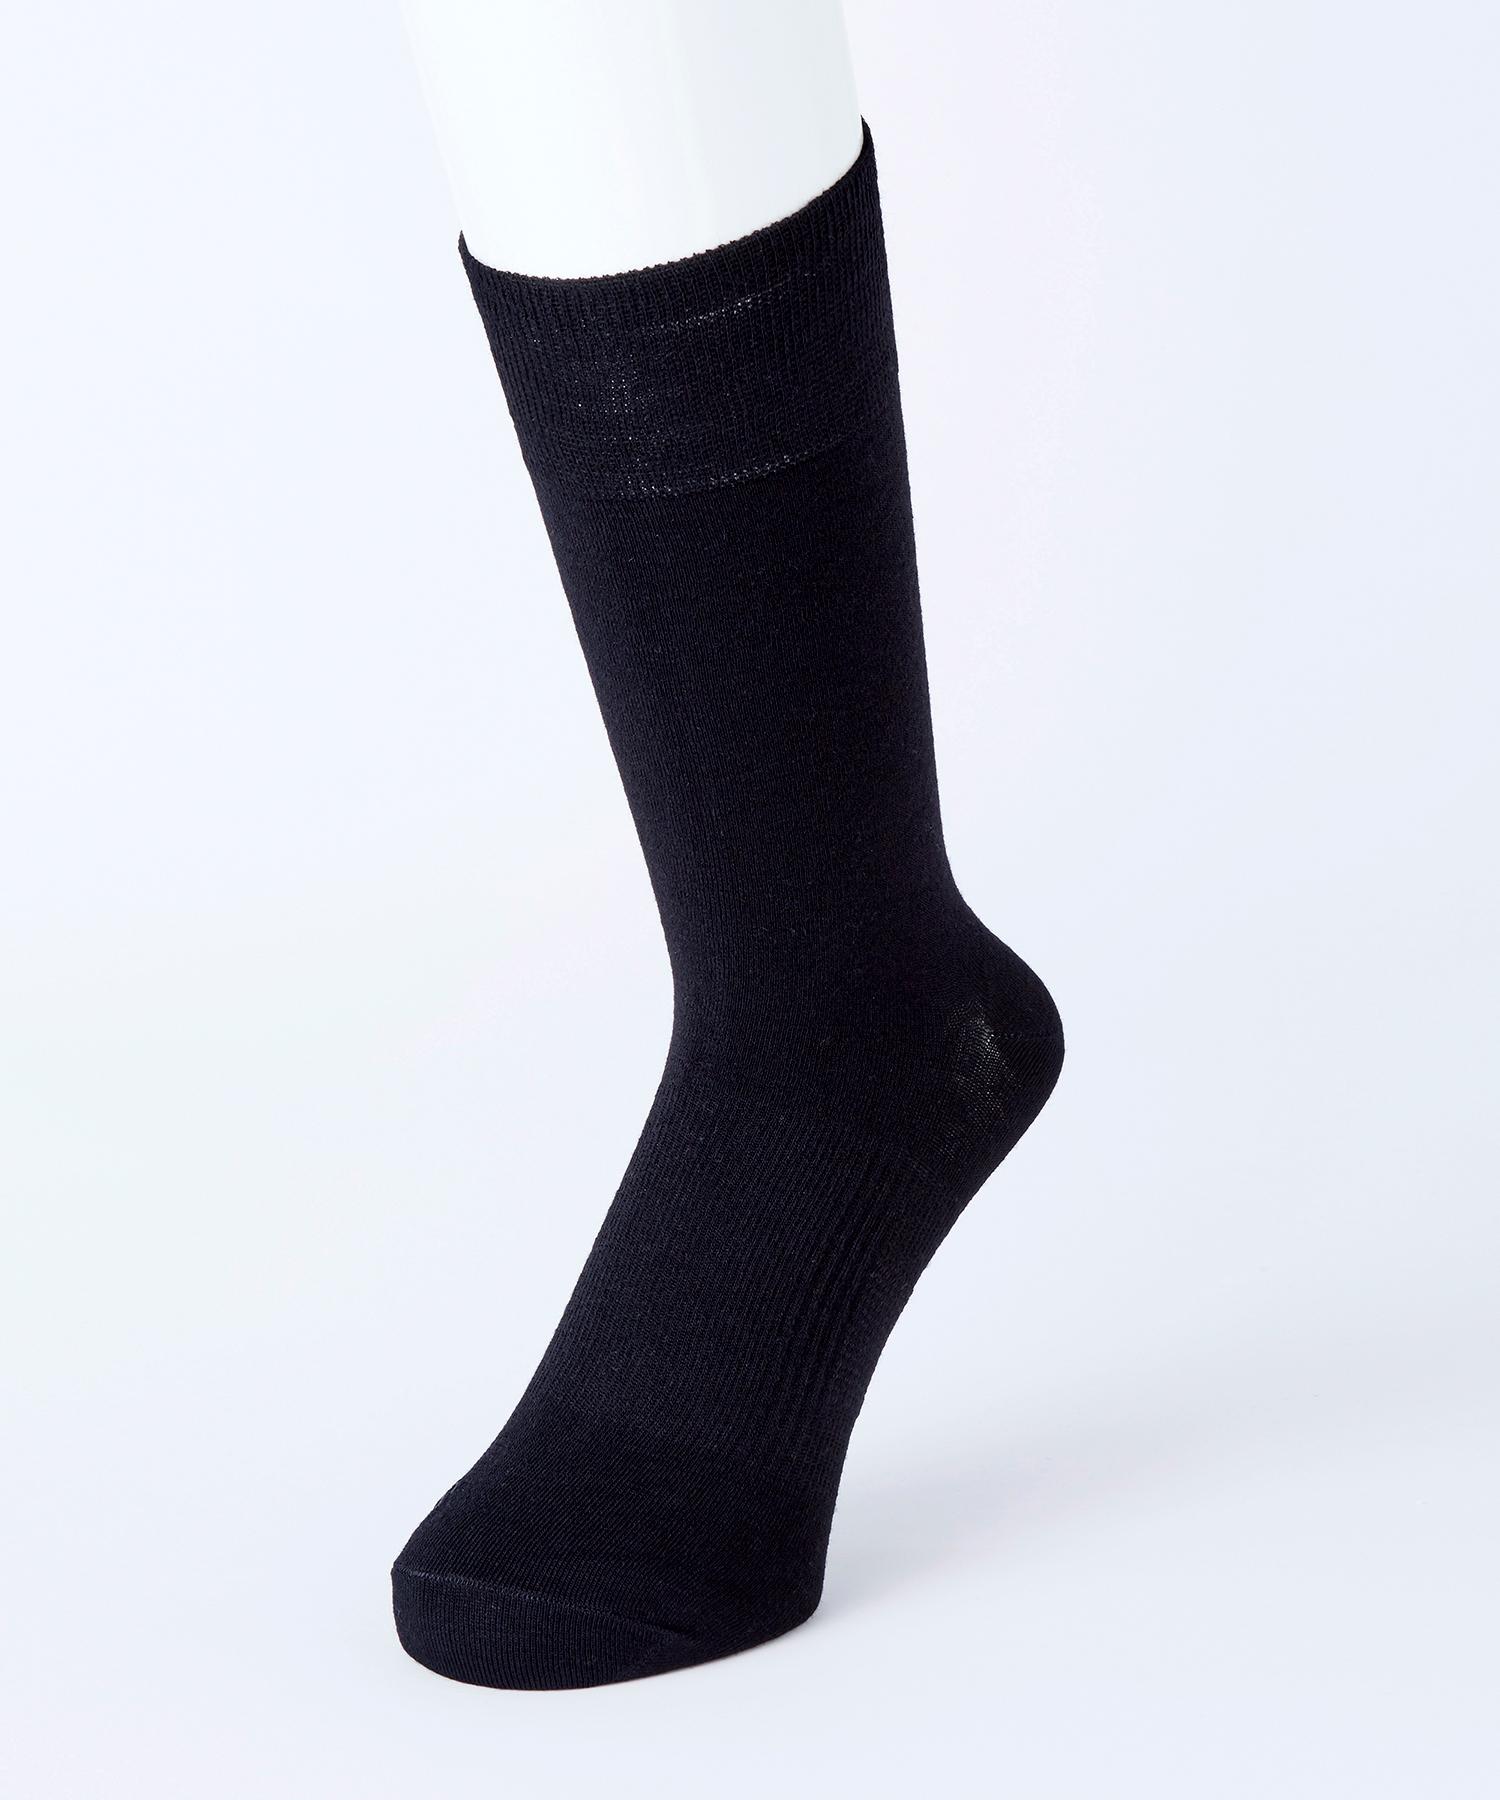 メンズ クルー丈 足底サポート(つま先かかと補強)